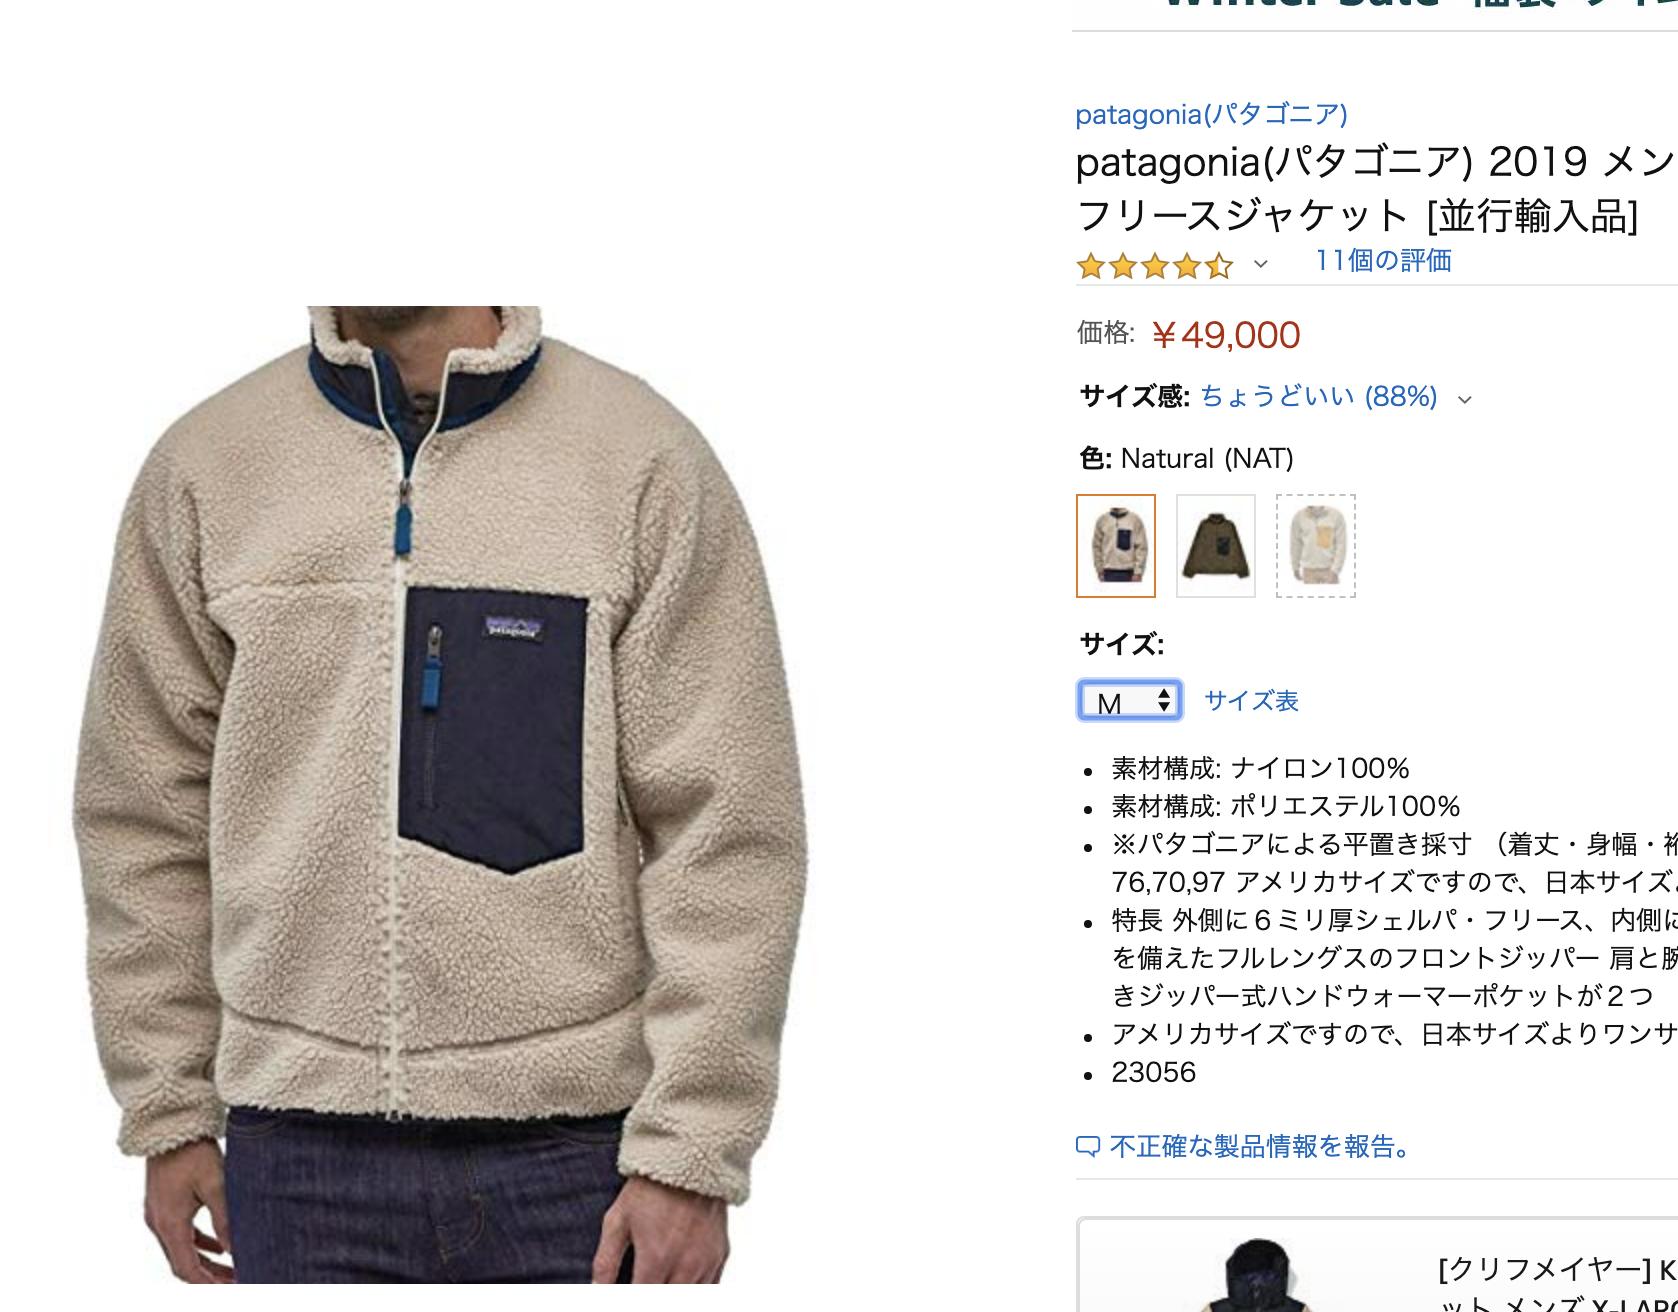 amazonでのレトロXジャケットの値段